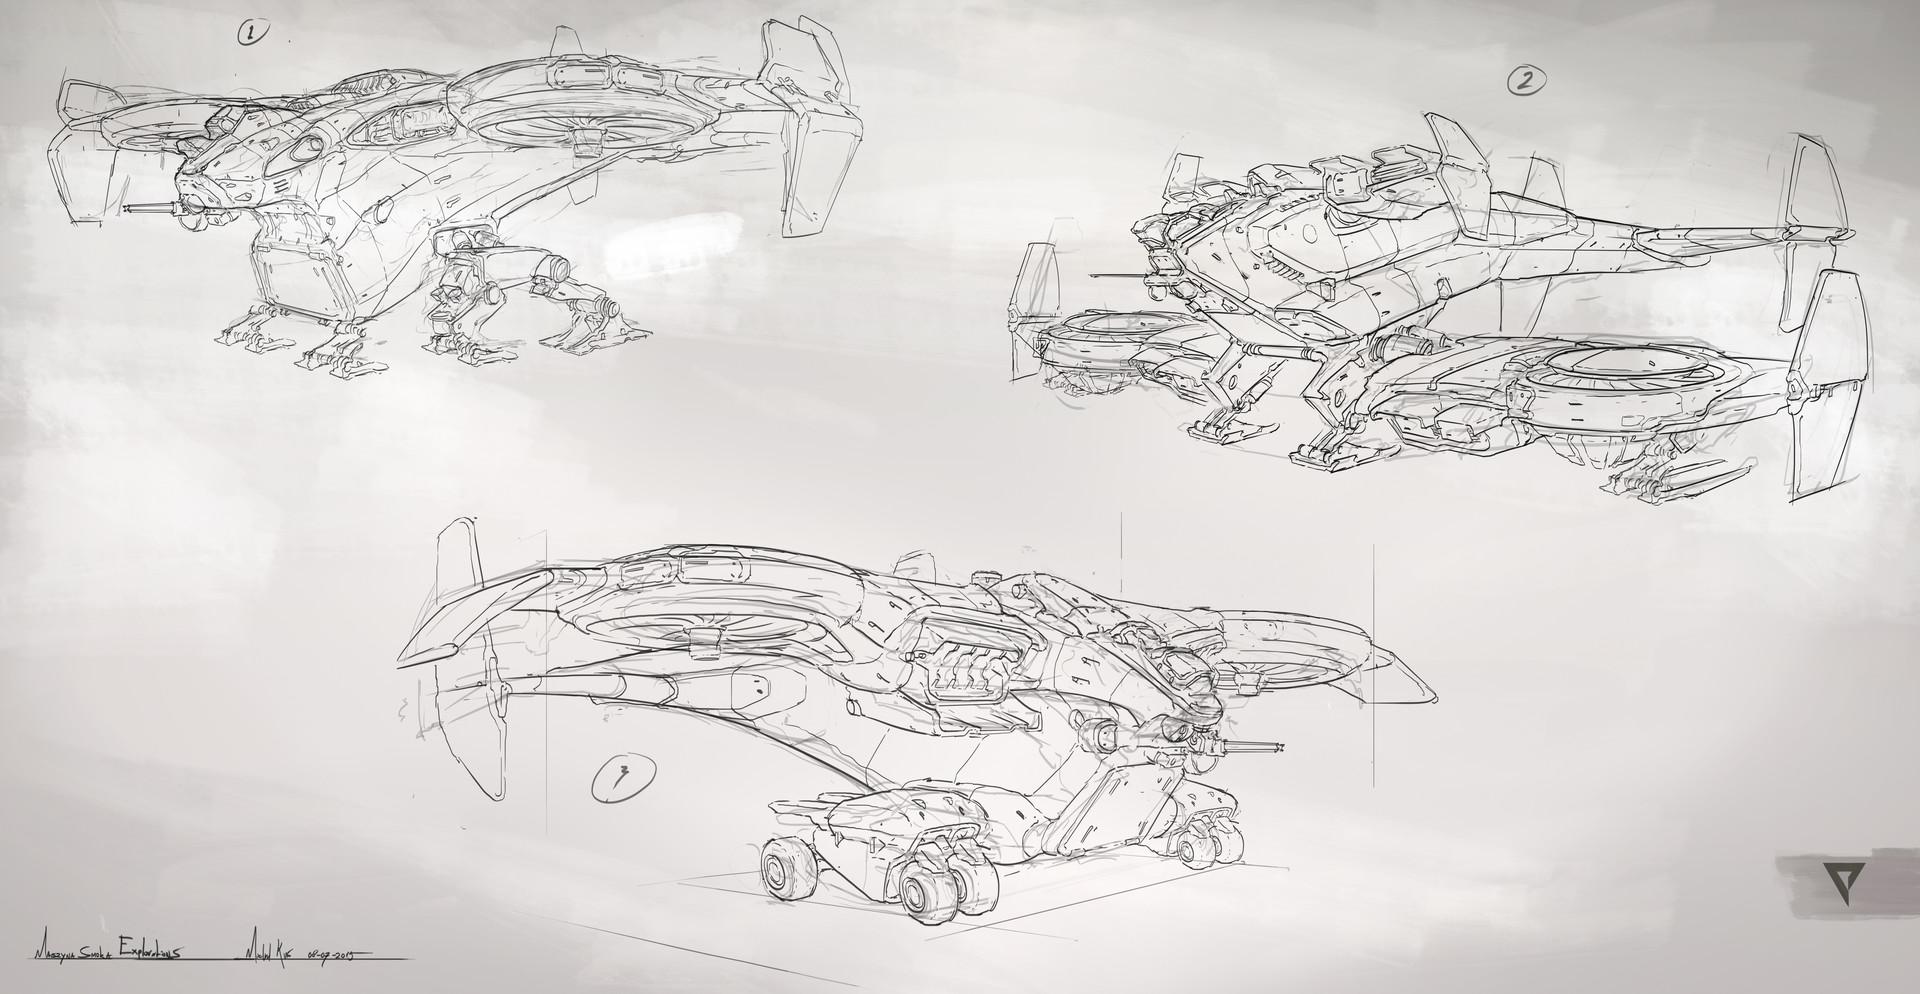 Michal kus platigeimage thumbs sketch3 4 5